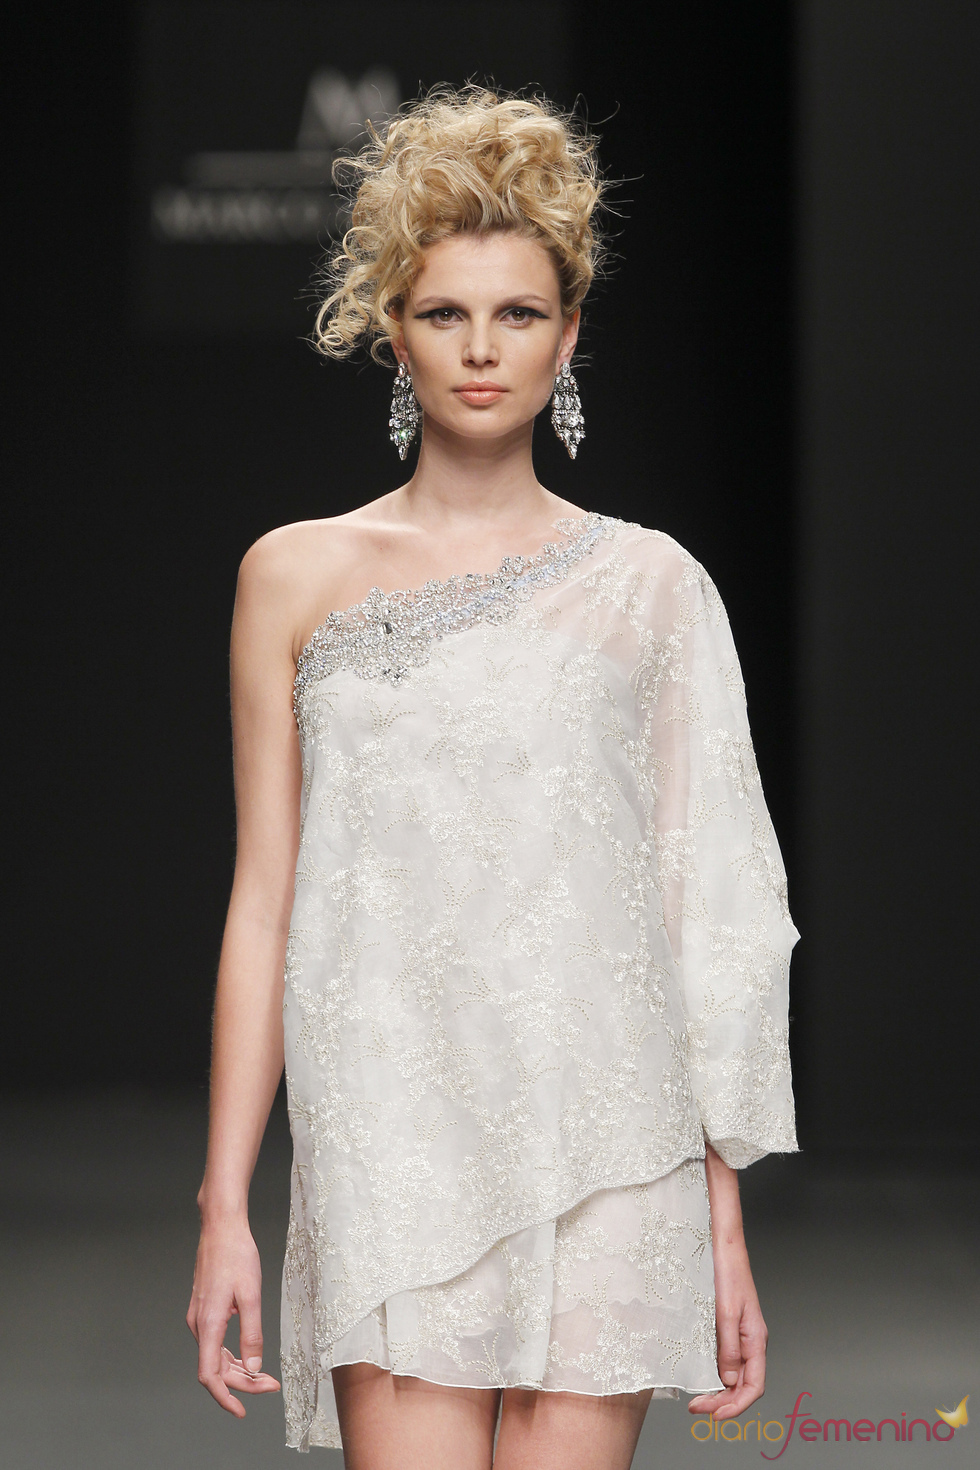 M&M visten a la novia del 2011